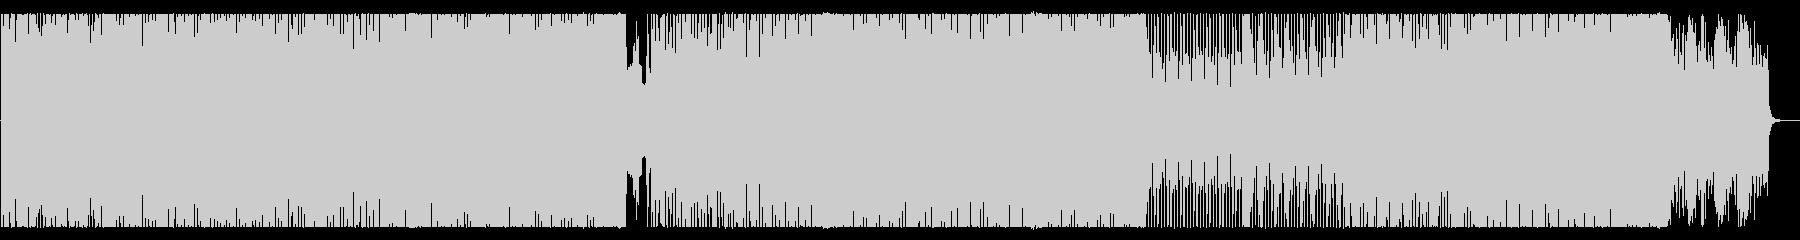 80's風なレトロ・シンセウェーブBGMの未再生の波形